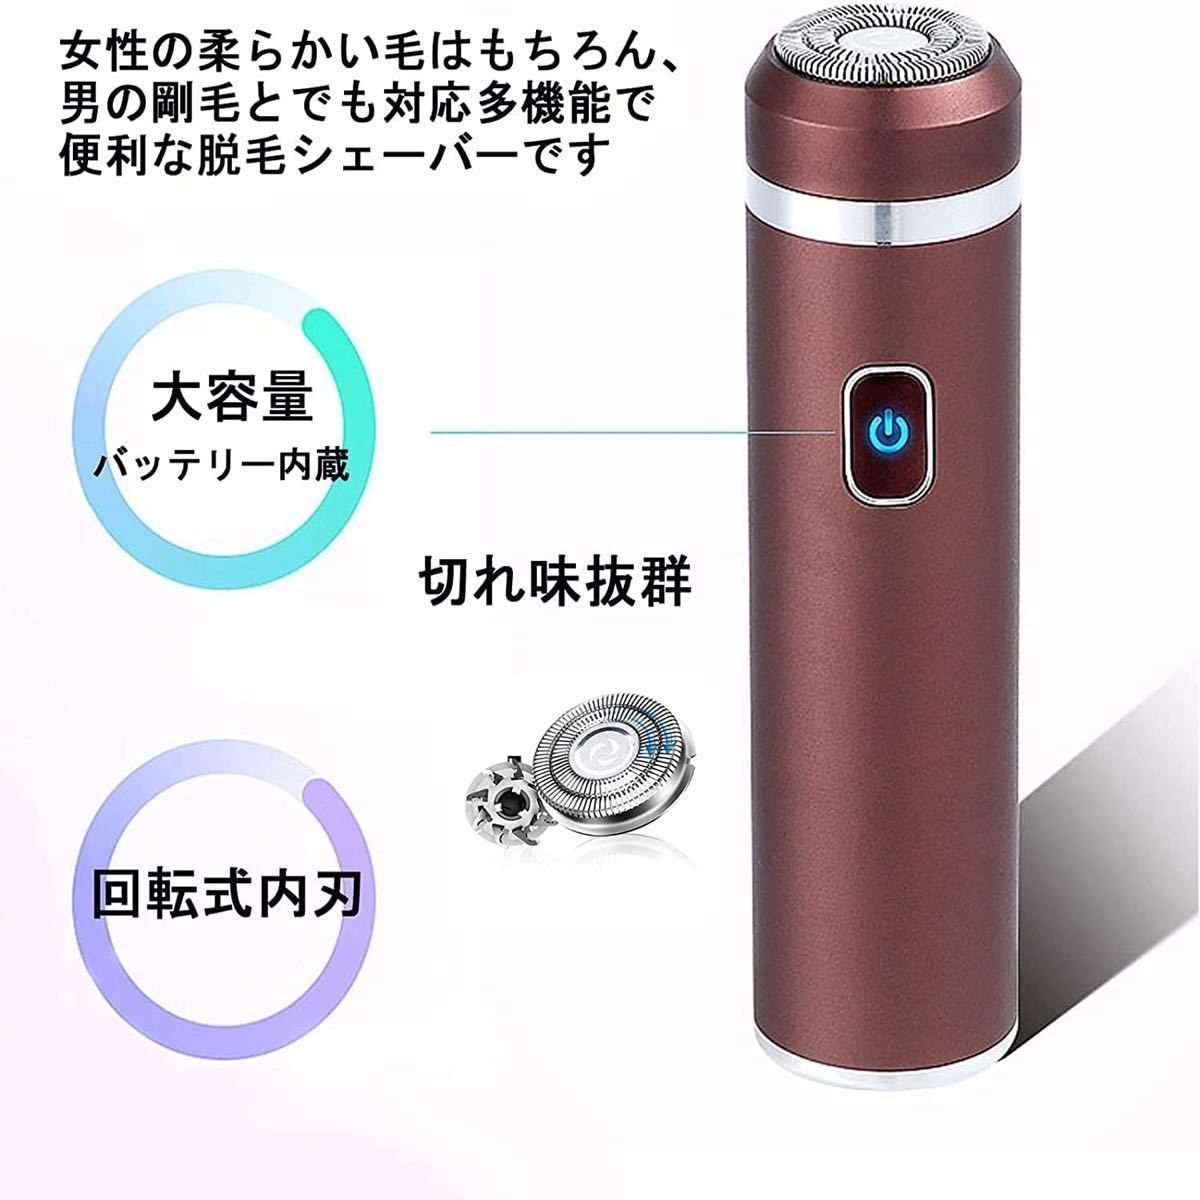 レディースシェーバー USB充電式 IPX7防水